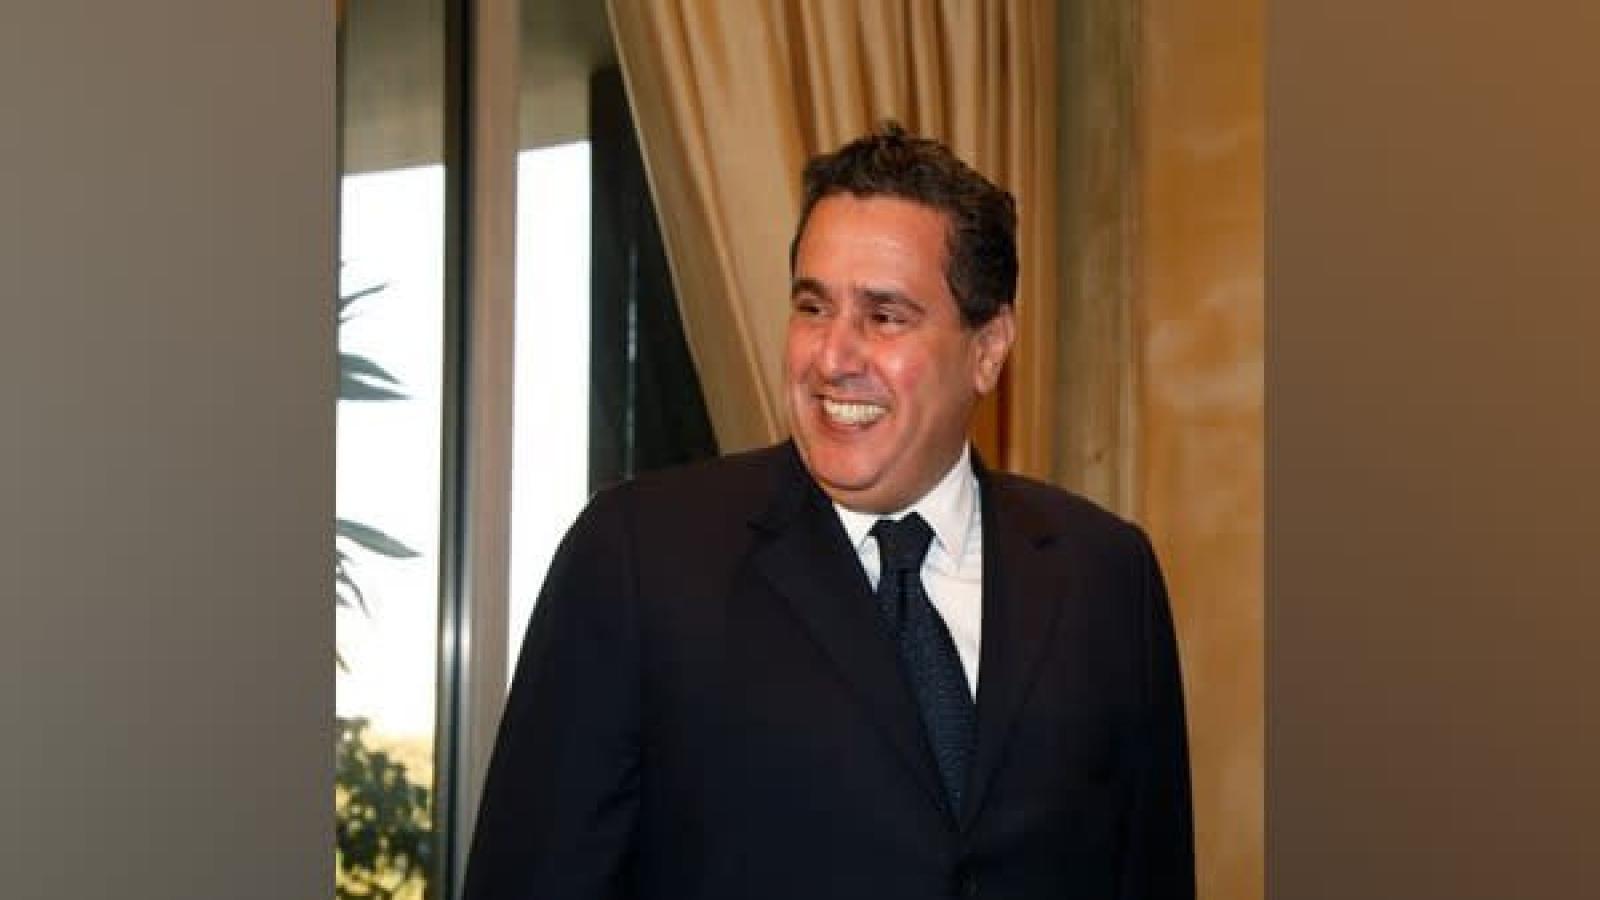 Quốc vương Morocco bổ nhiệm tỷ phú doanh nhân làm Thủ tướng